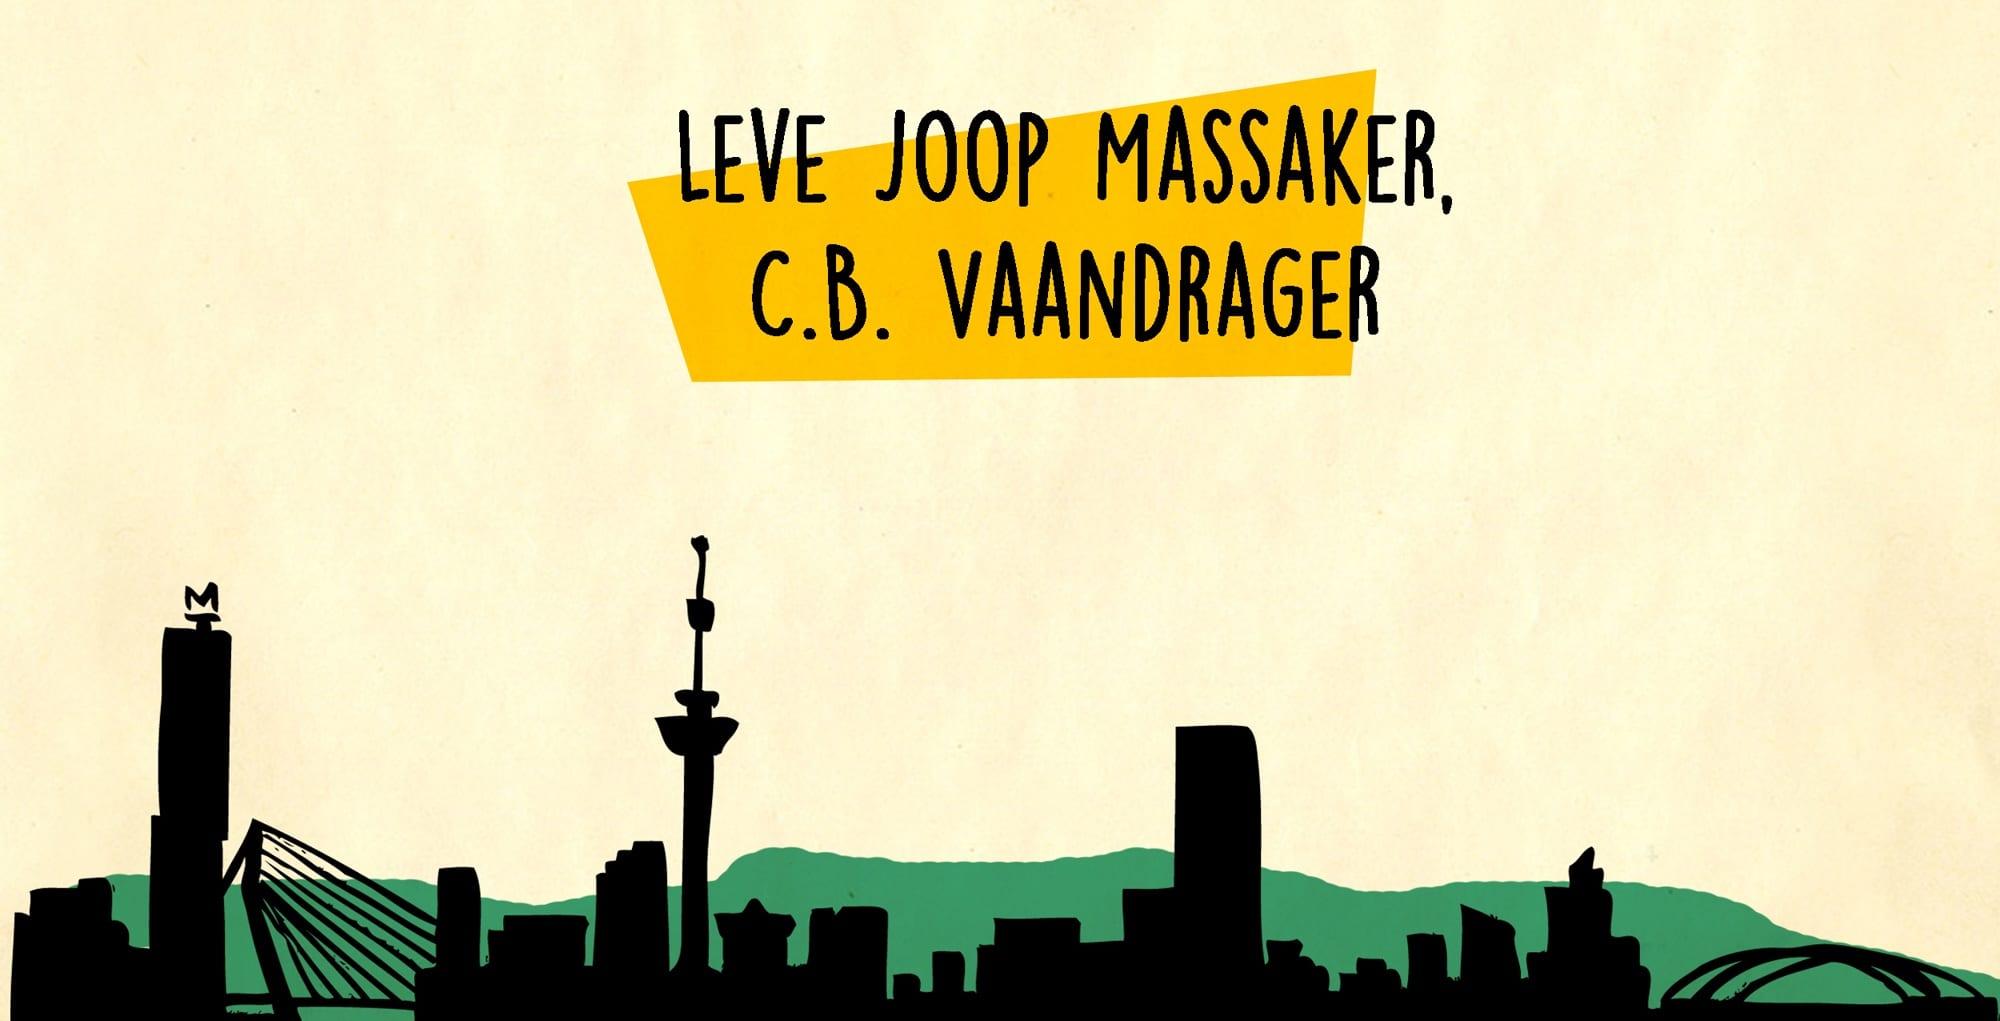 Één van de tips in Hiphop & Je Leest: Leve Joop Maasaker van C.B. Vaandrager